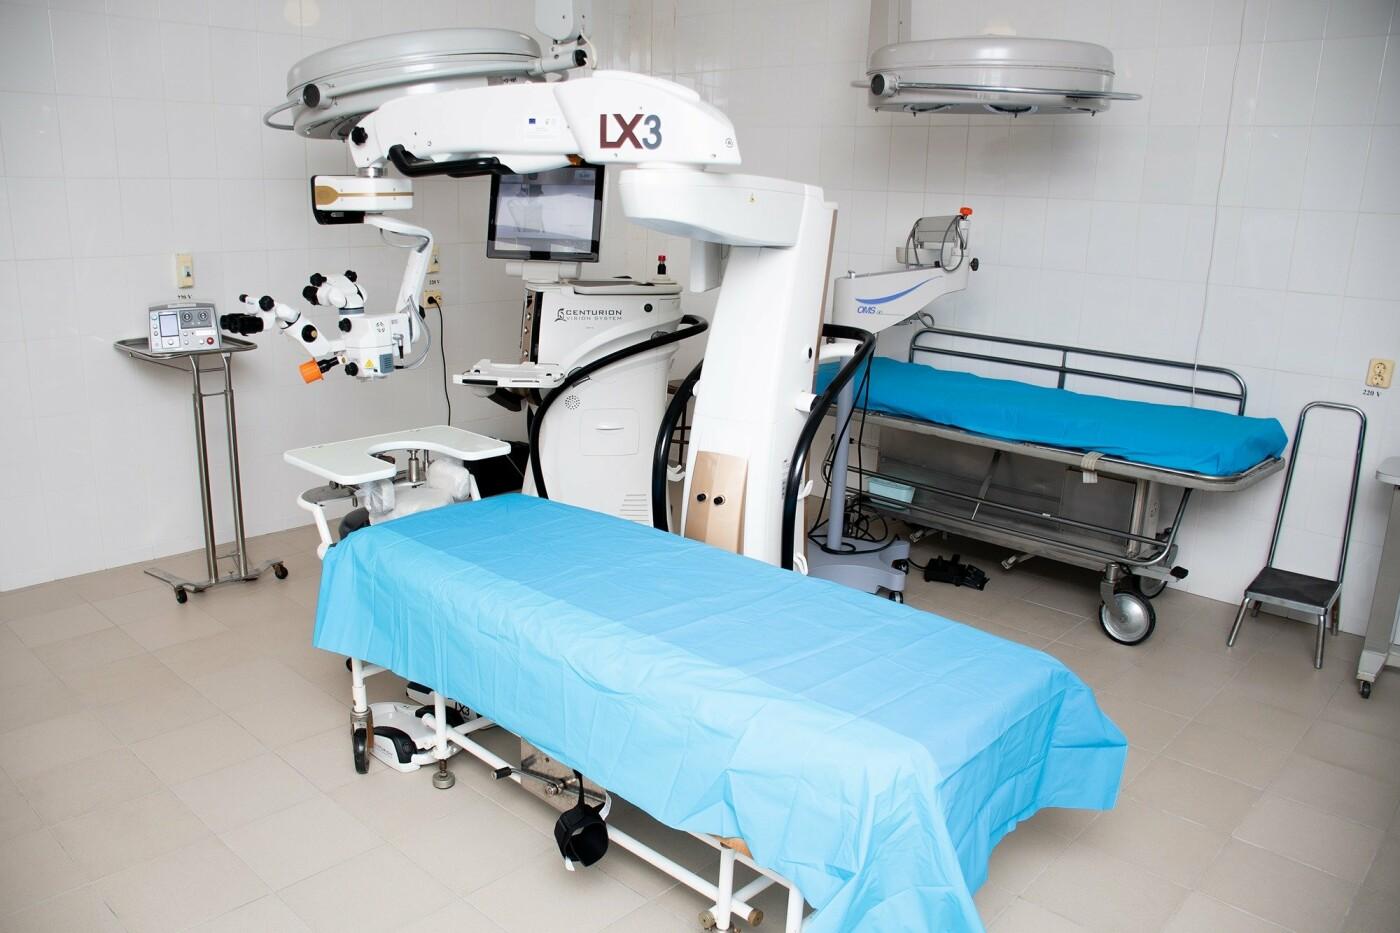 Сучасне обладнання для точних операцій на очах отримала міська лікарня (ФОТО), фото-1